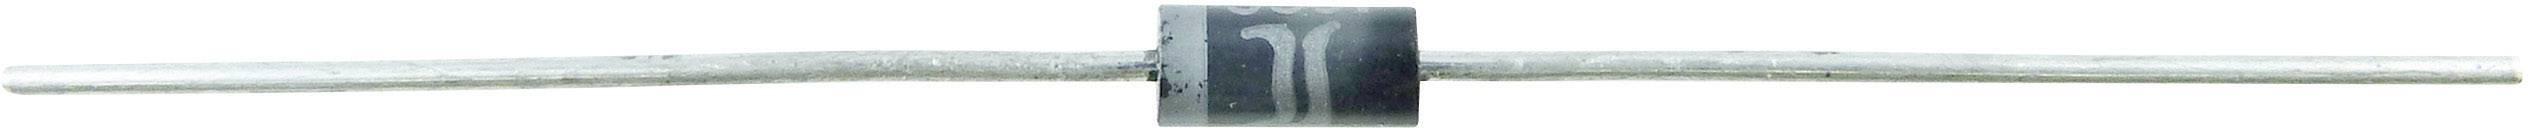 Schottkyho usmerňovacia dióda Diotec SB140, 1 A, 40 V